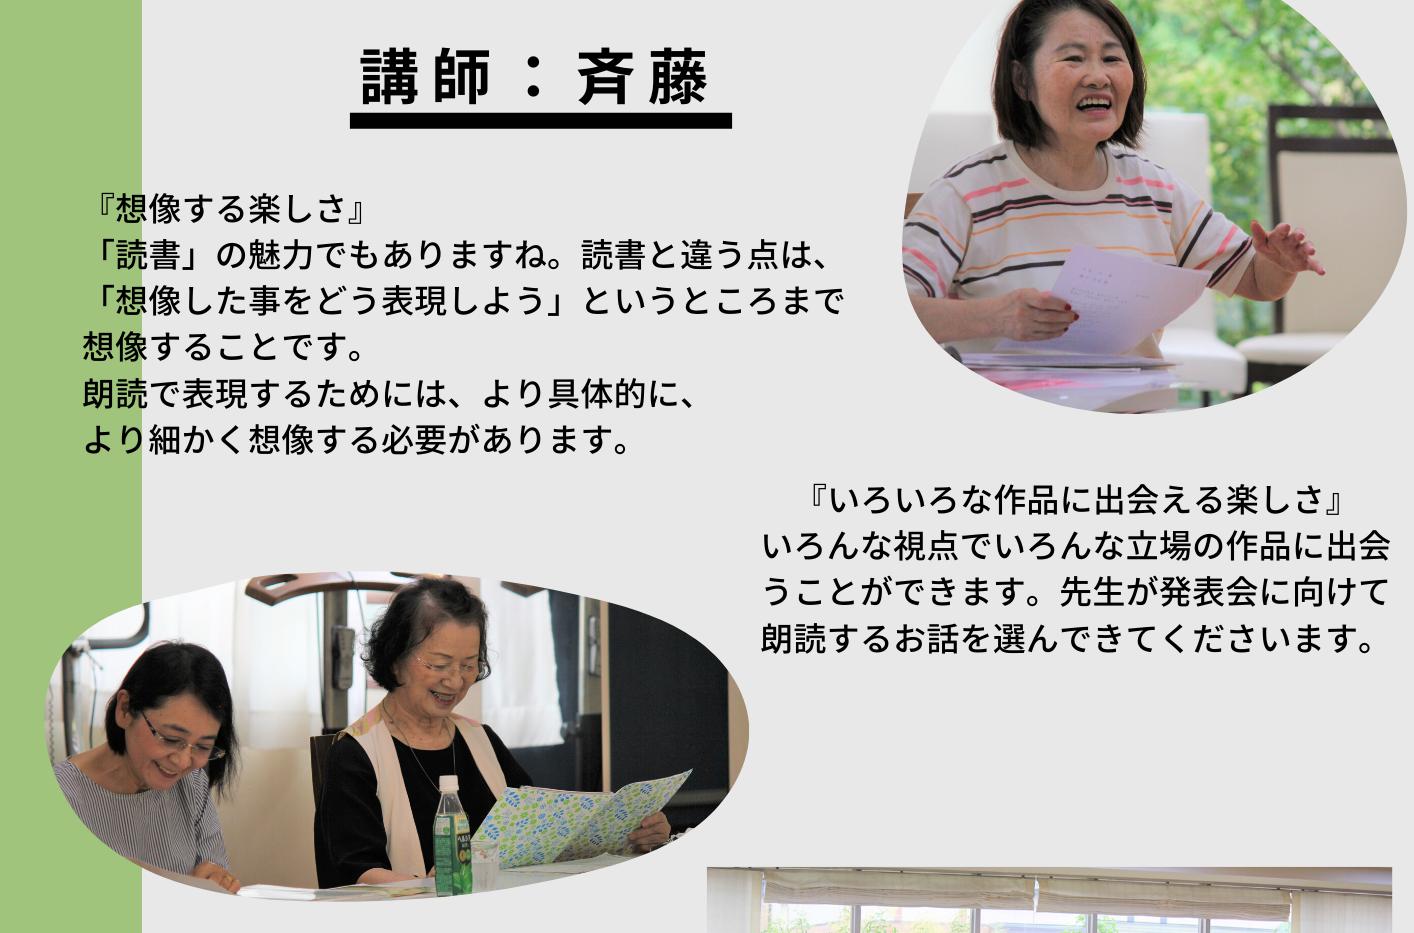 おしゃれな朗読1.png